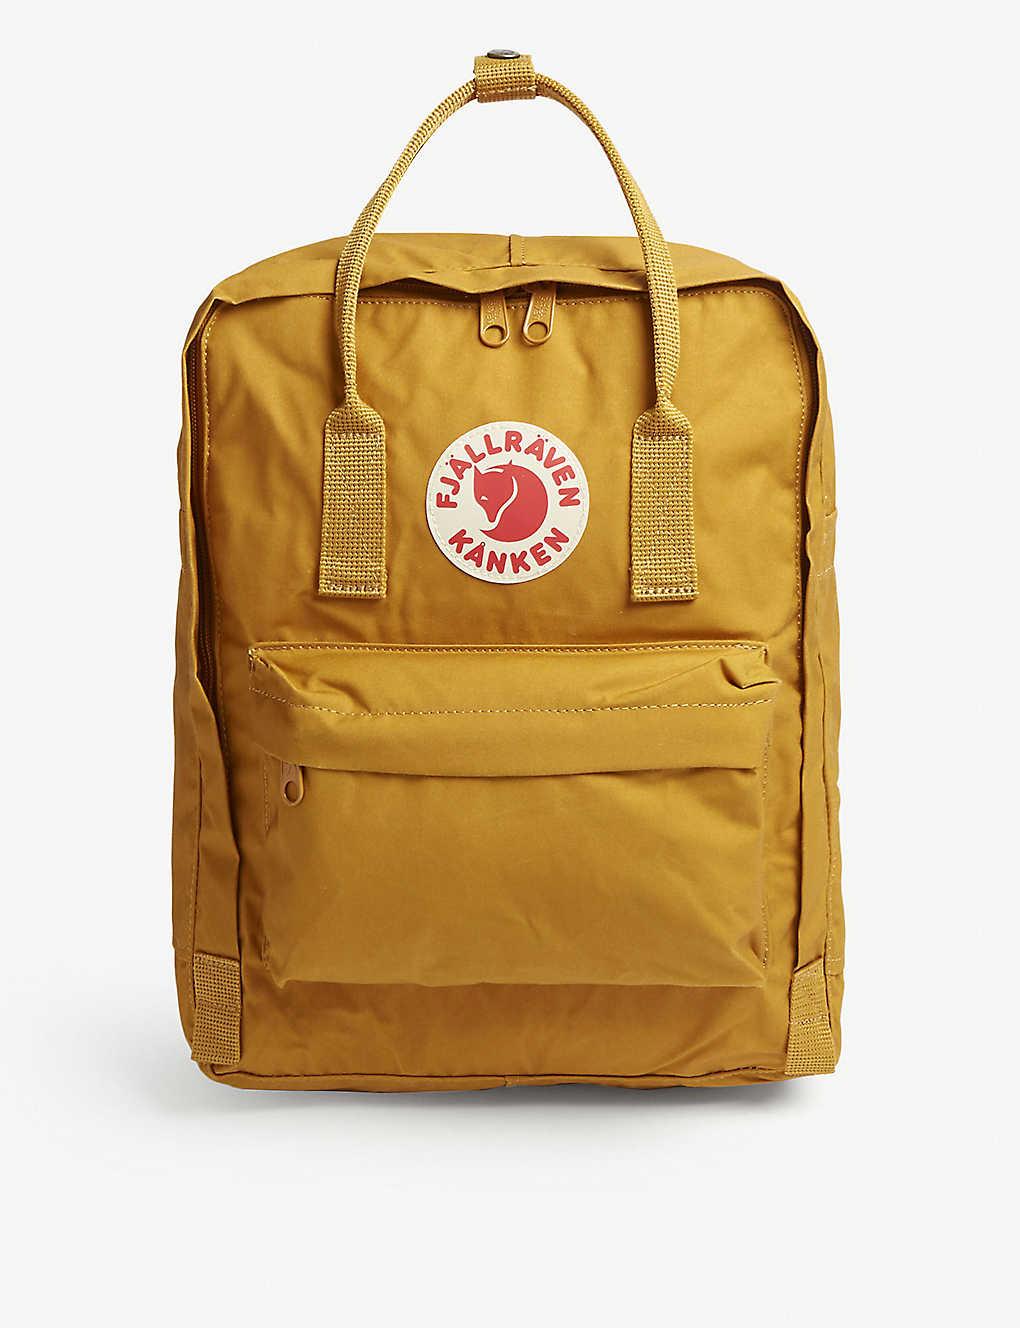 7dff46898 FJALLRAVEN - Kanken backpack | Selfridges.com